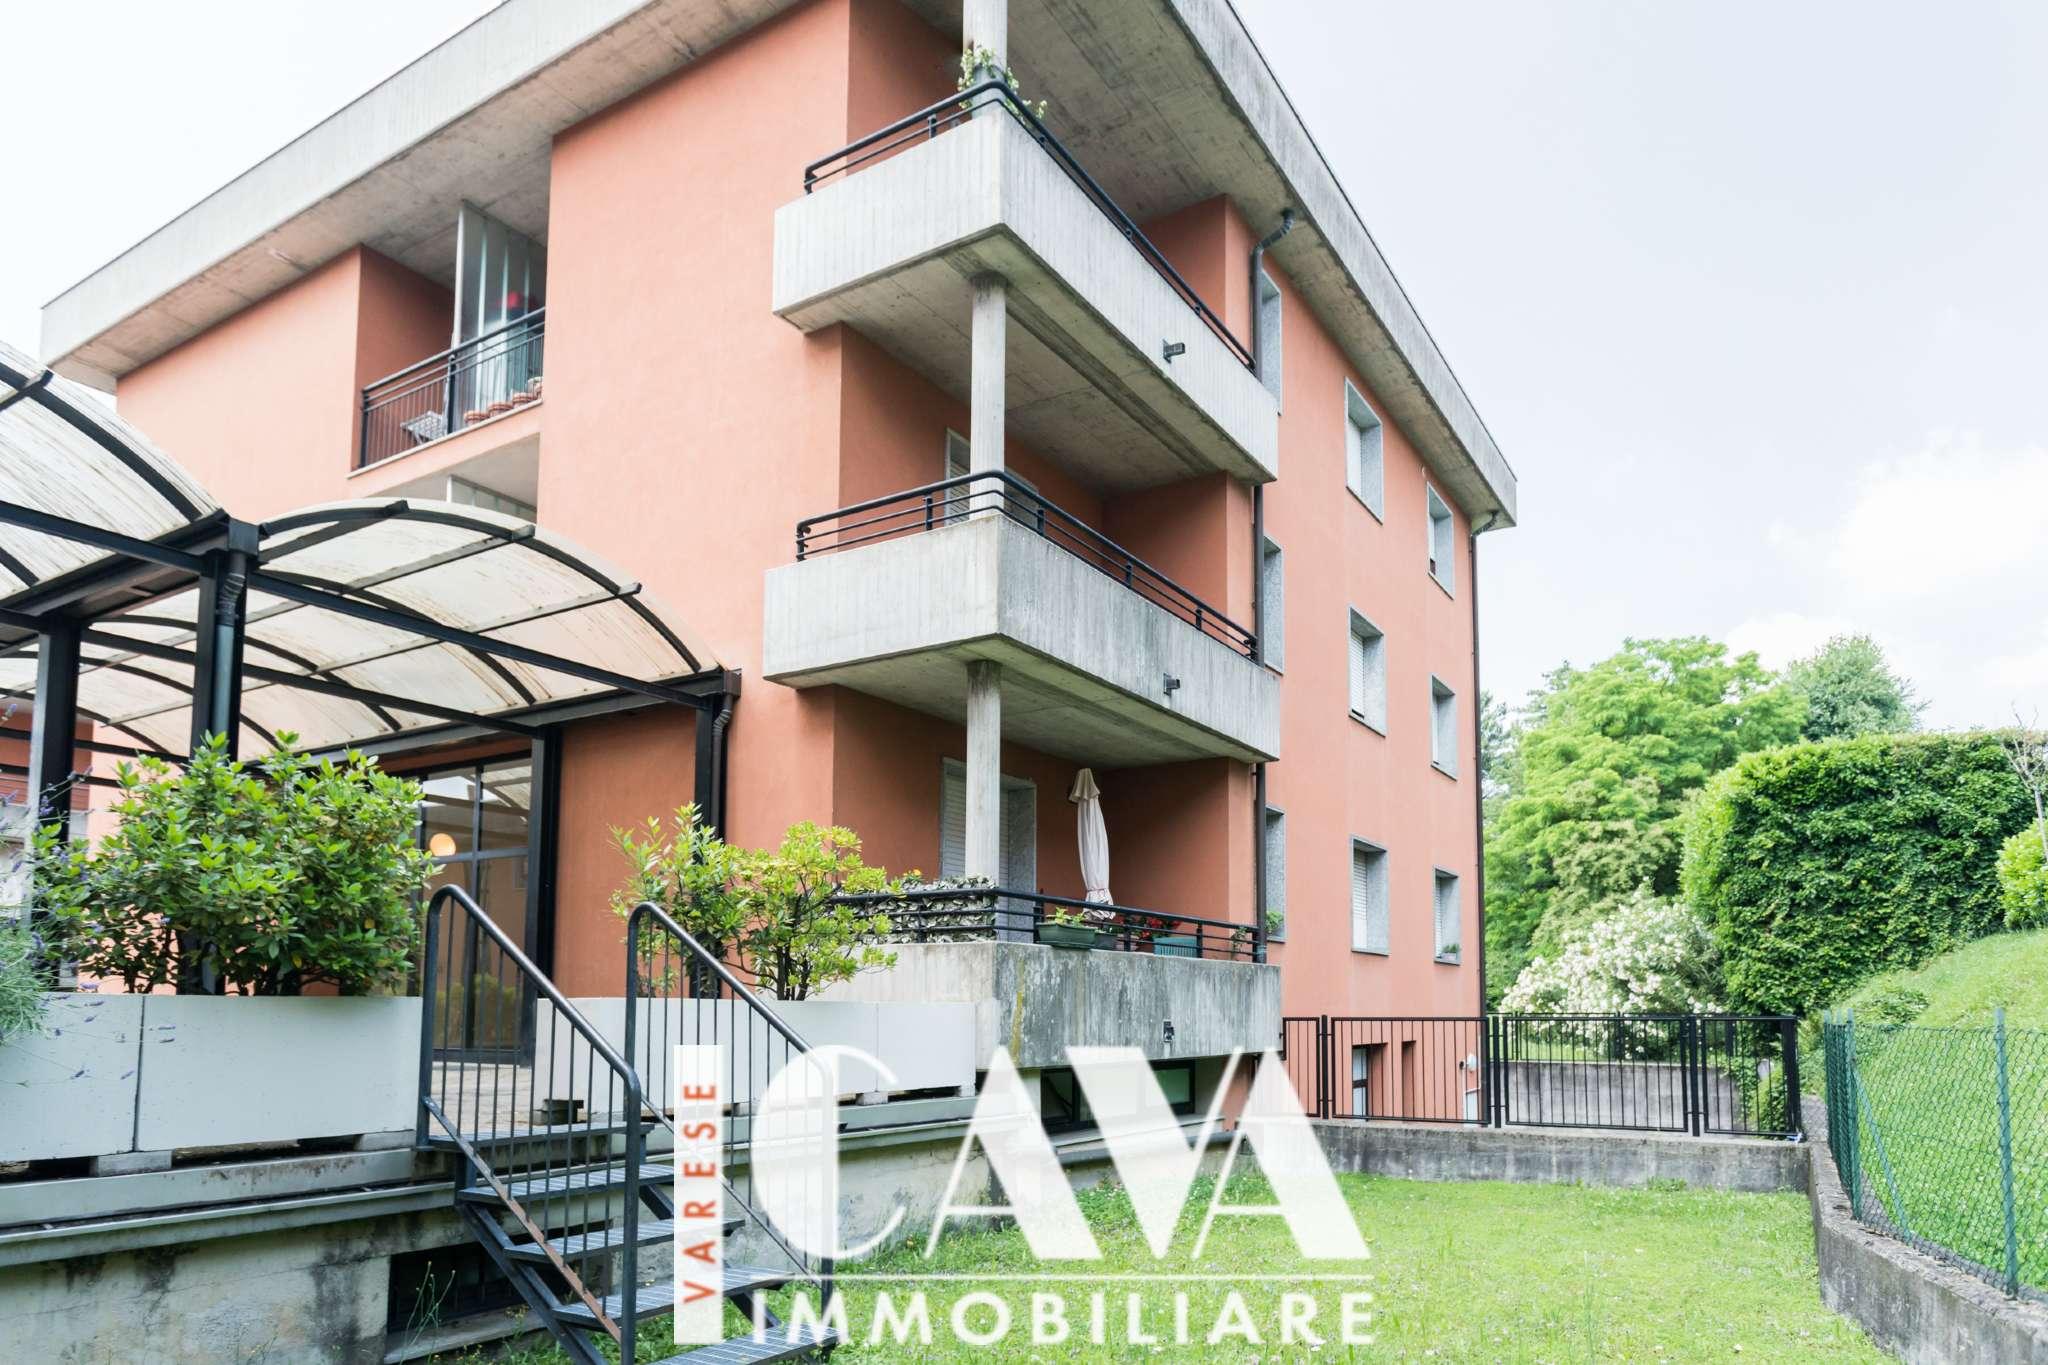 Appartamento in vendita a Varese, 3 locali, prezzo € 130.000   CambioCasa.it